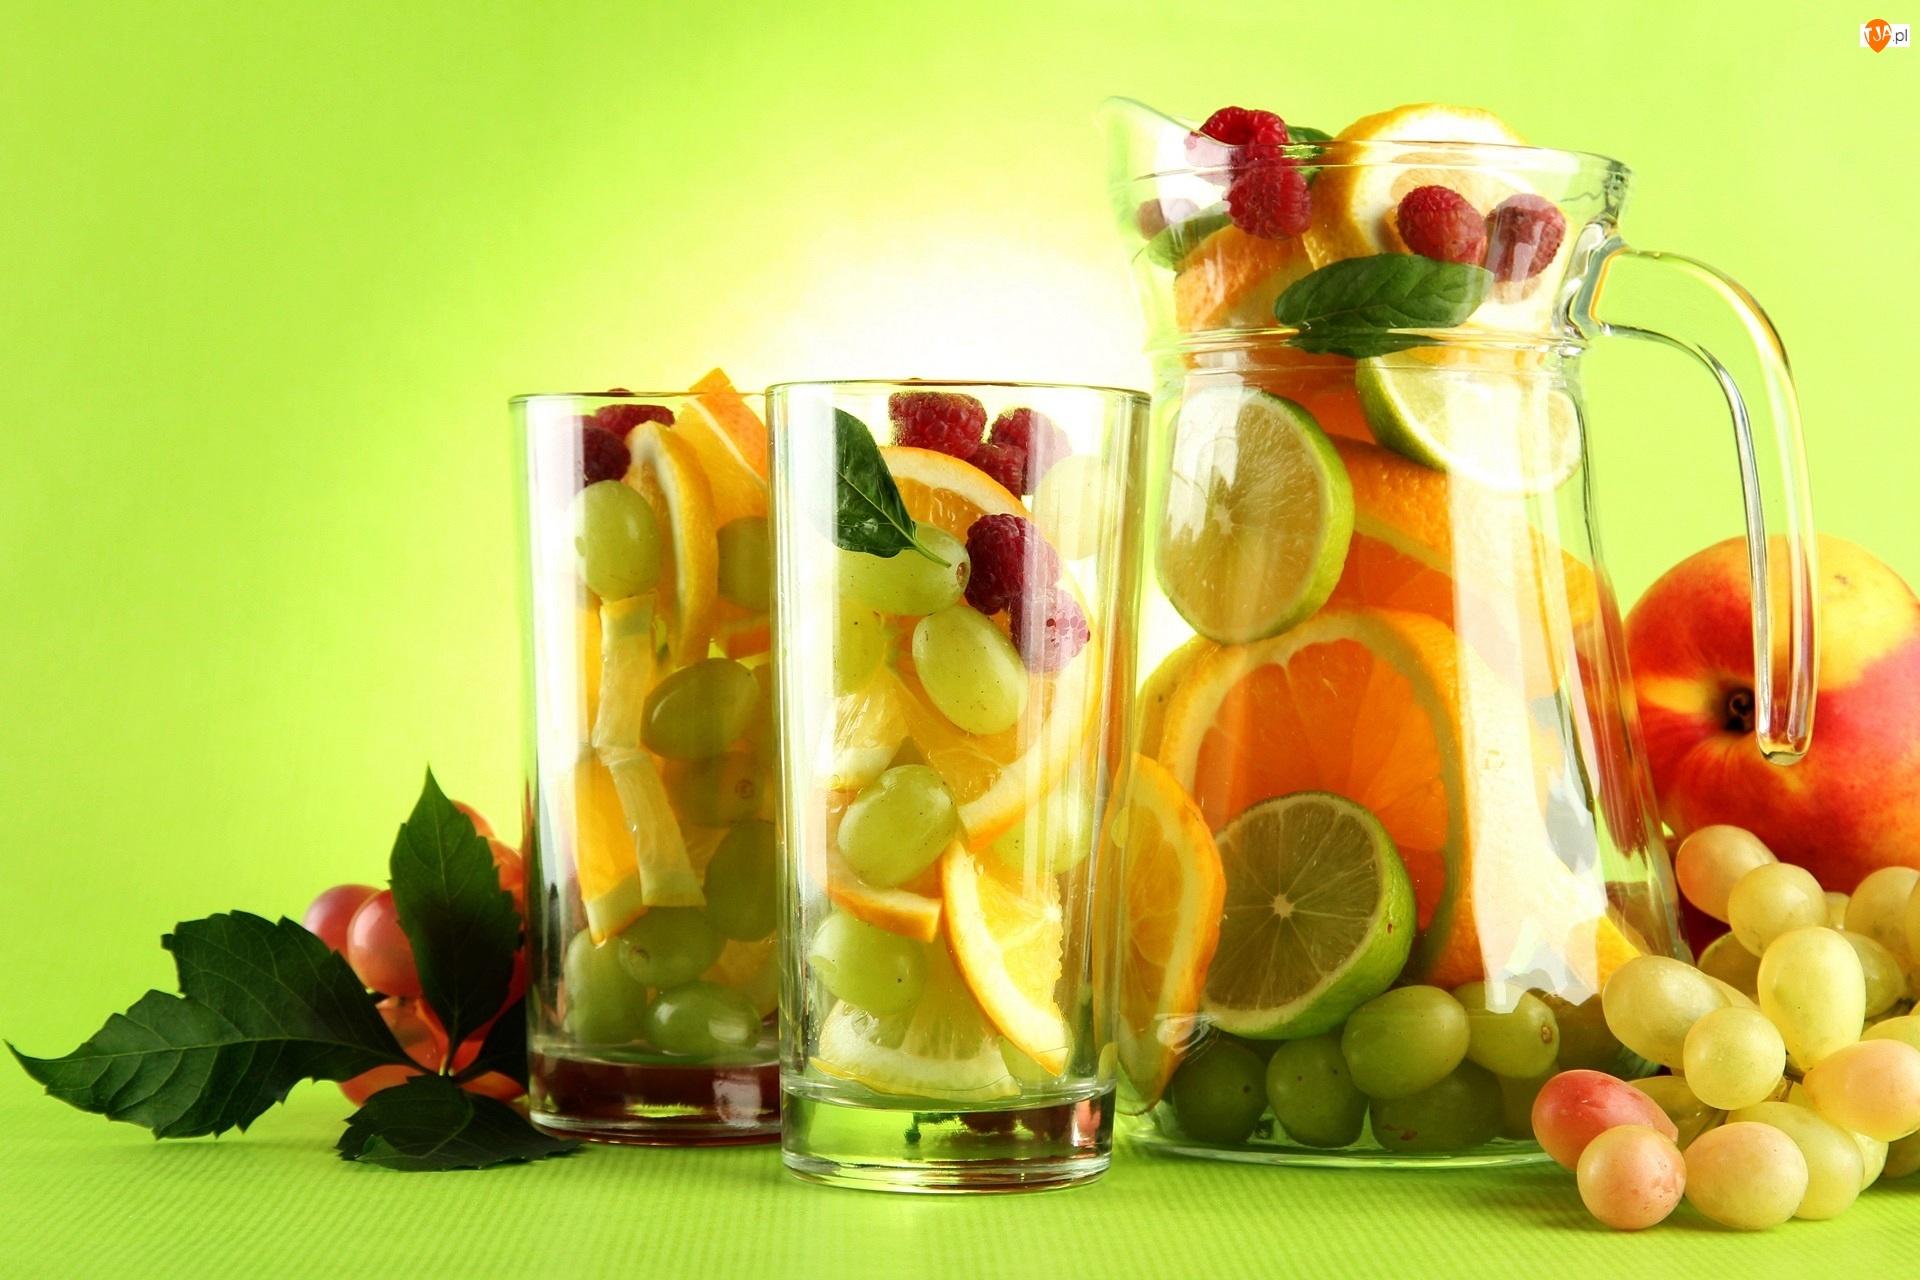 Owocowy Deser, Winogrona, Pomarańcze, Jabłko, Limonki